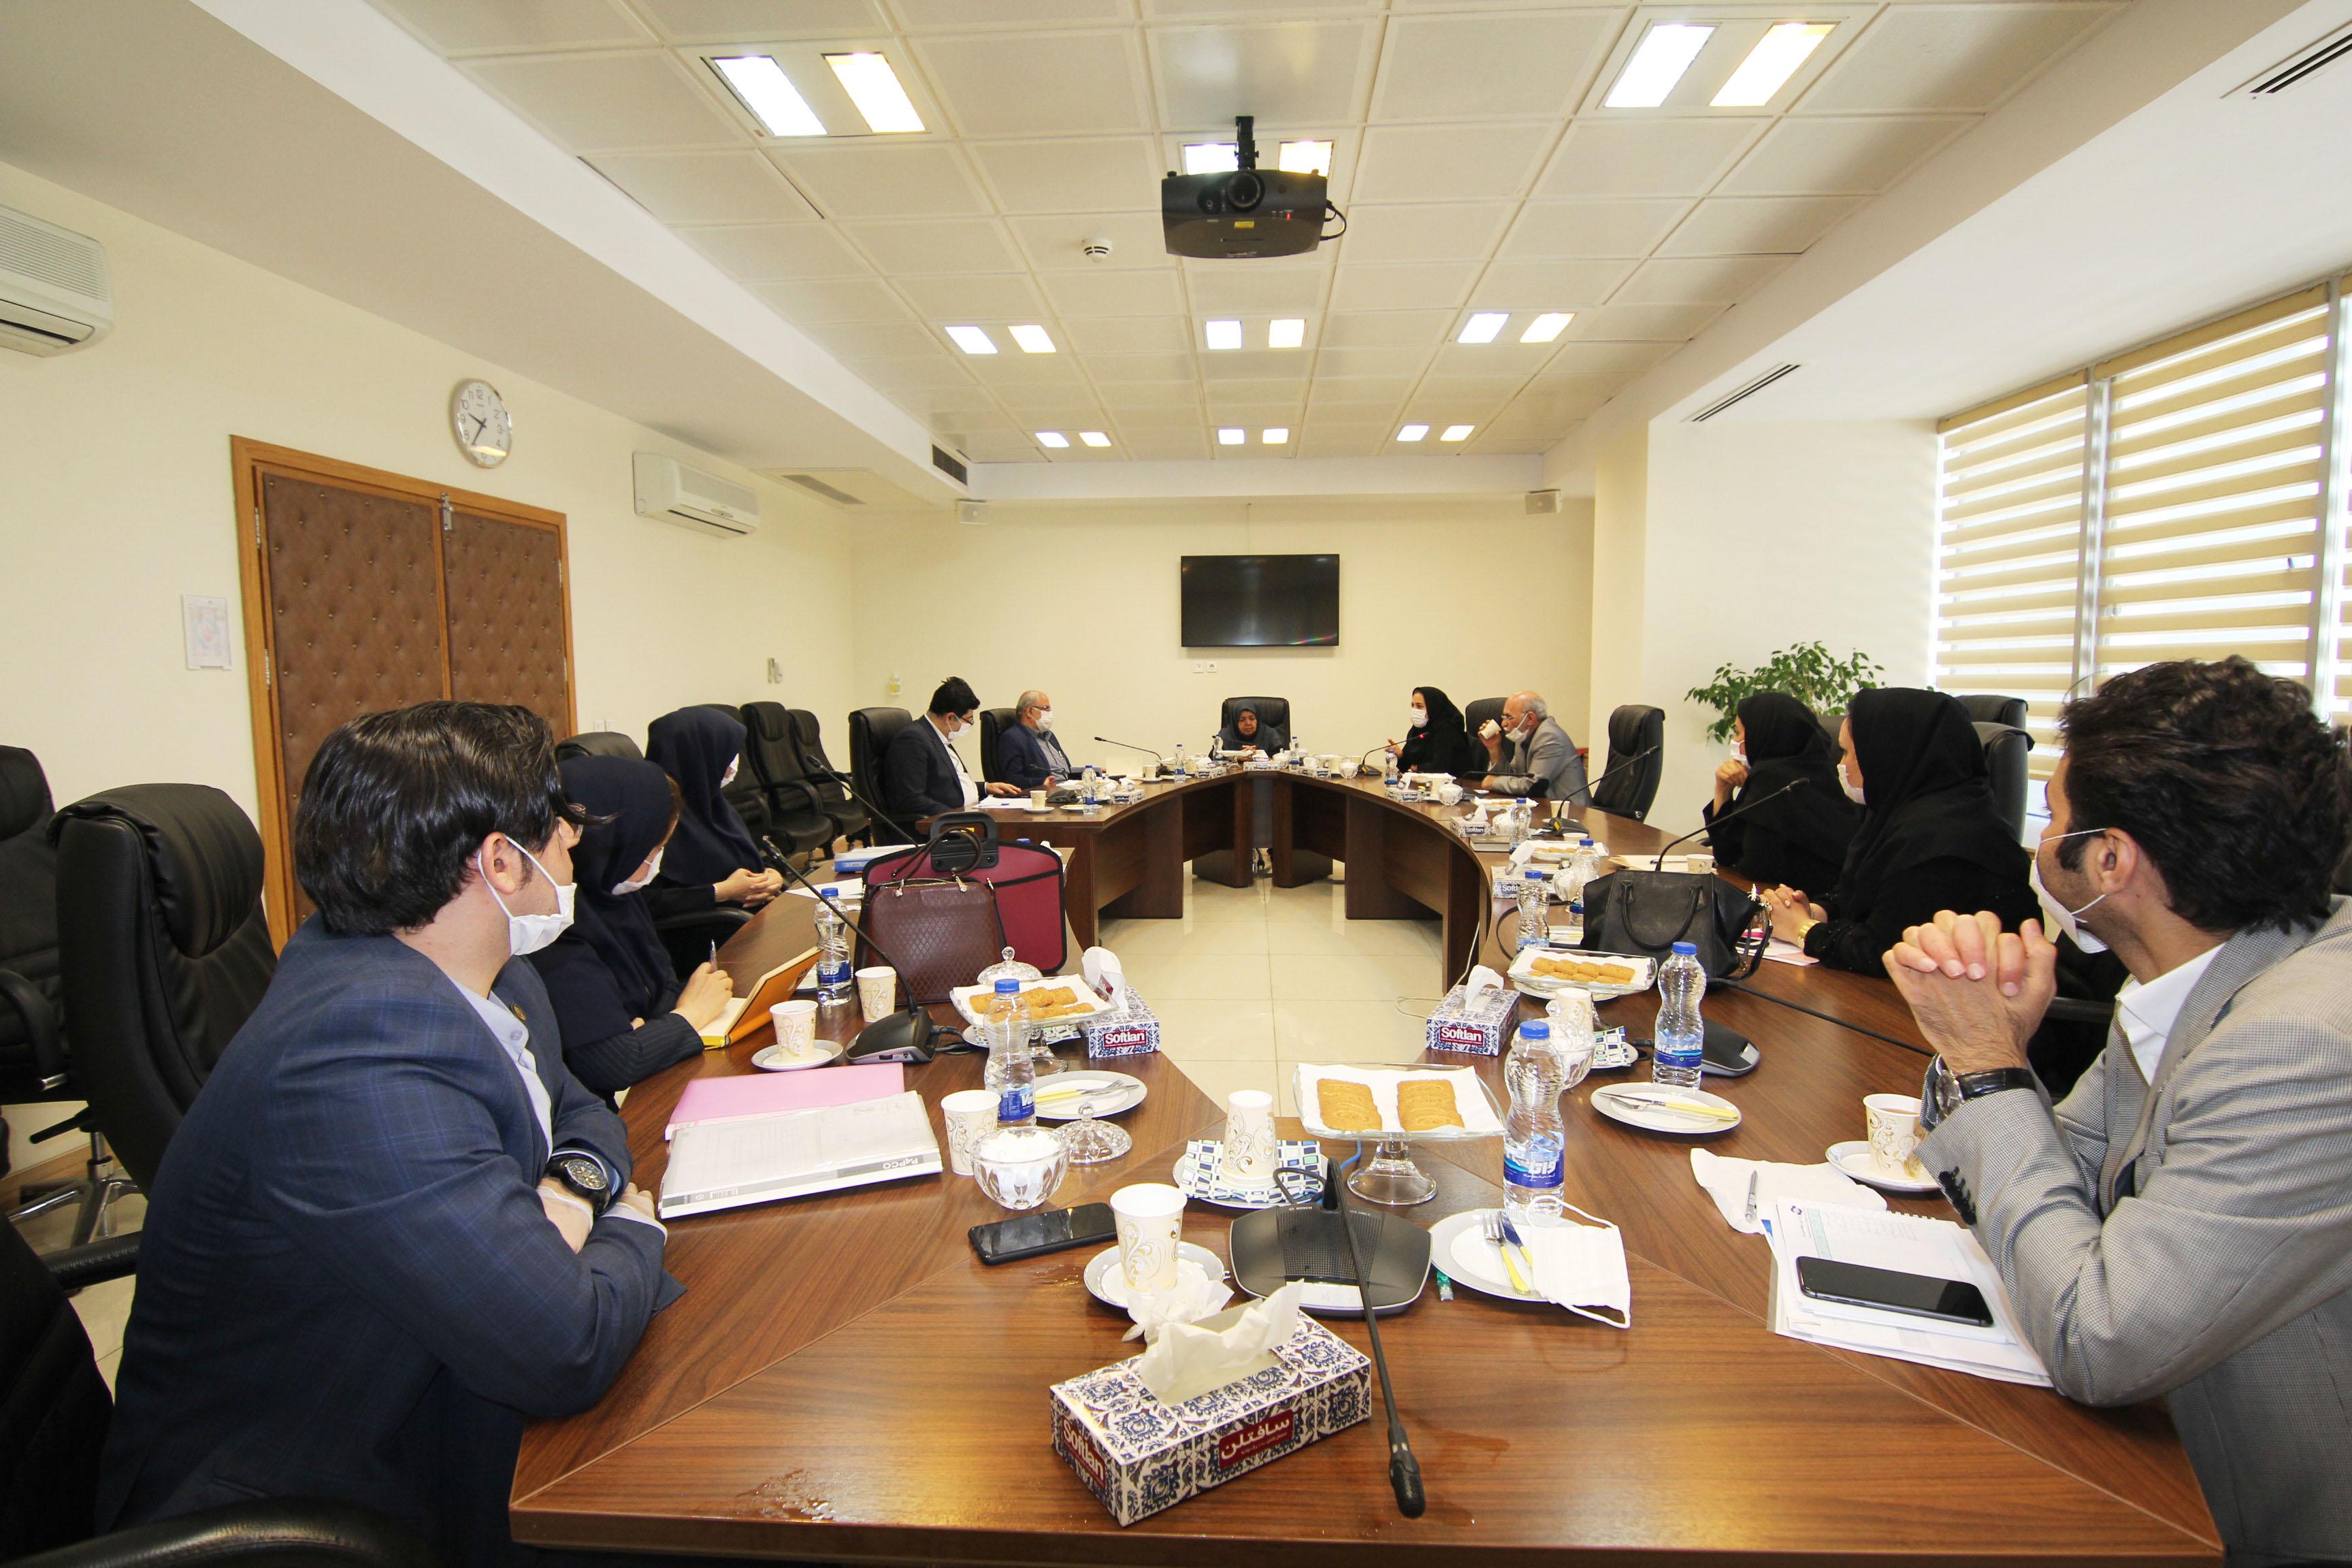 نشست شورای درمان برگزار شد/ افزایش مراکز درمانی طرف قرارداد